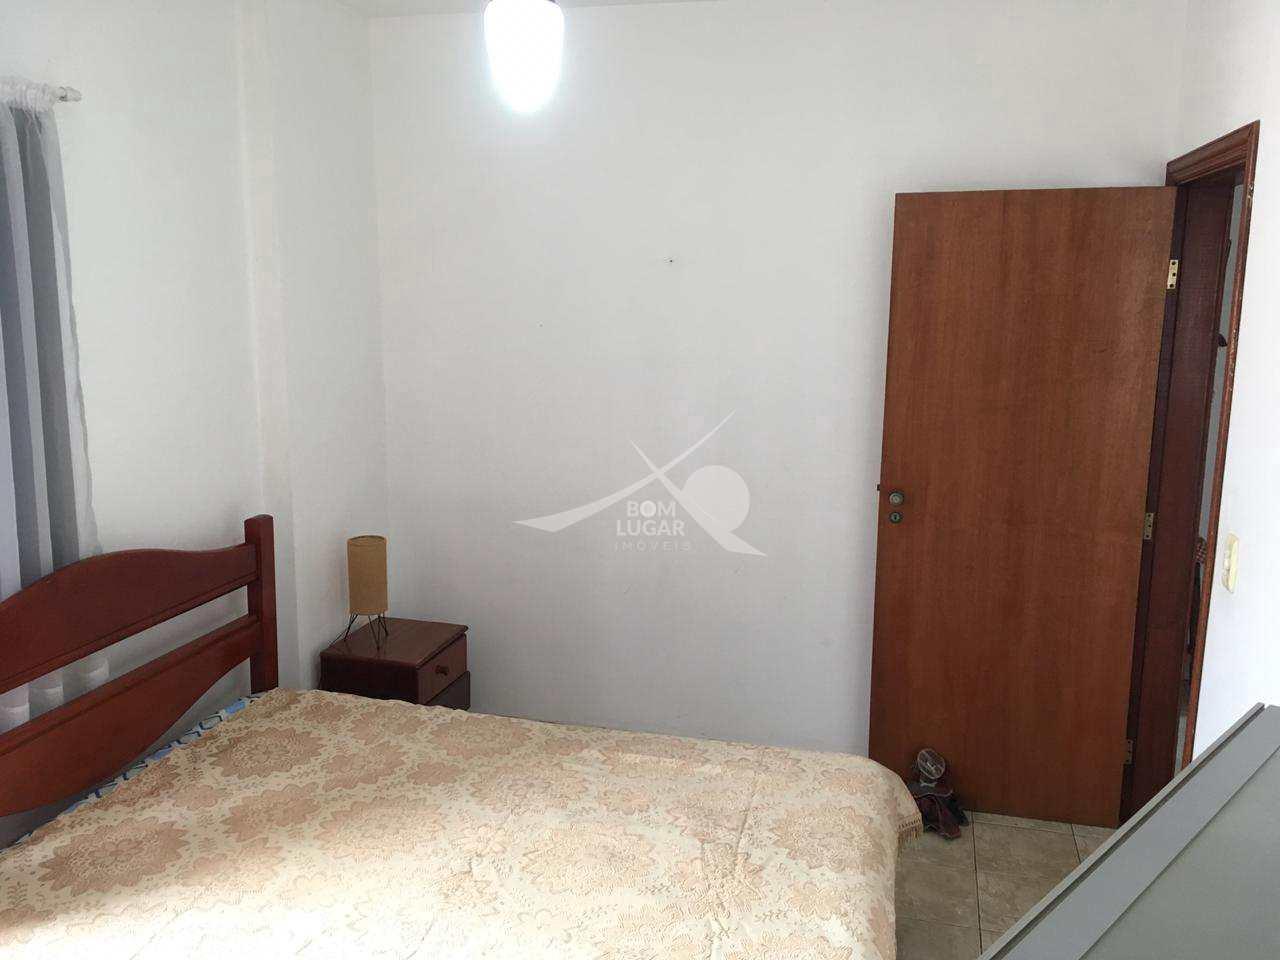 Locação Definitiva - Aviação 2 dorms-suite. Piscina.